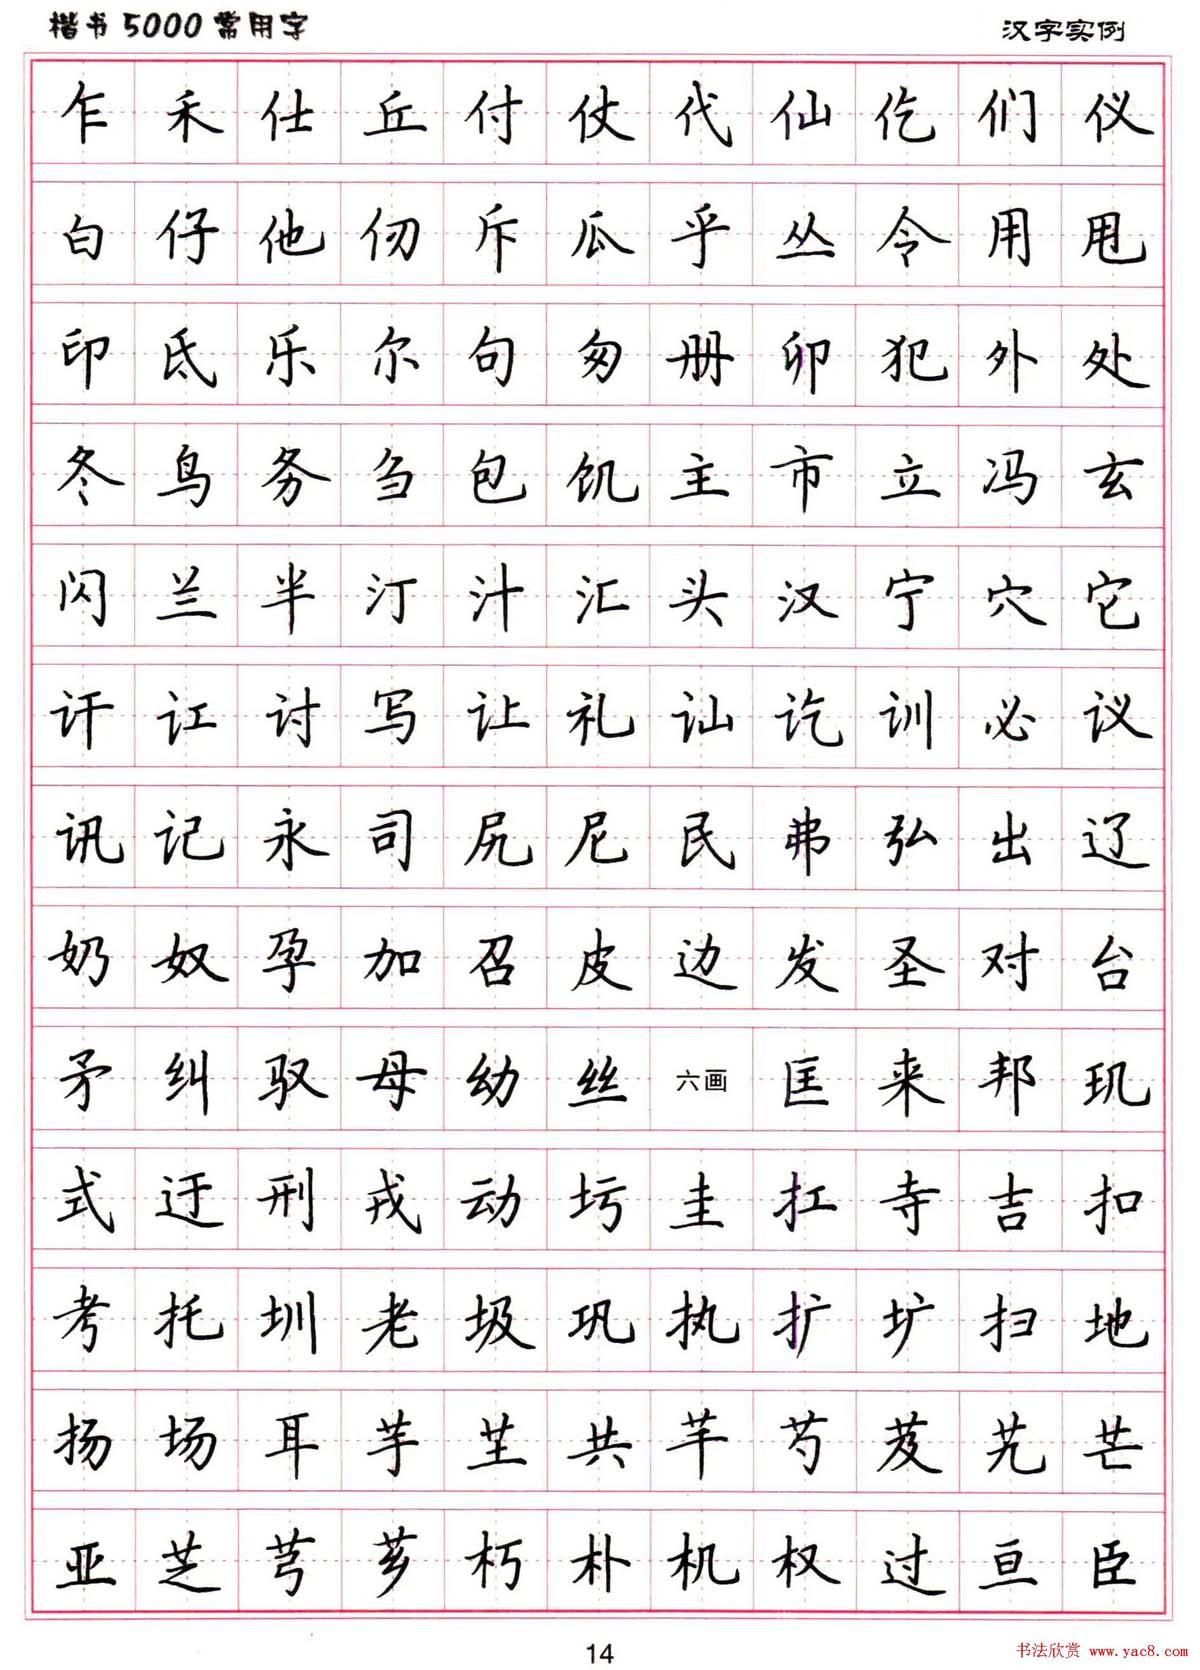 硬笔书法字帖下载 楷书5000常用字 第15页 钢笔字帖 书法欣赏